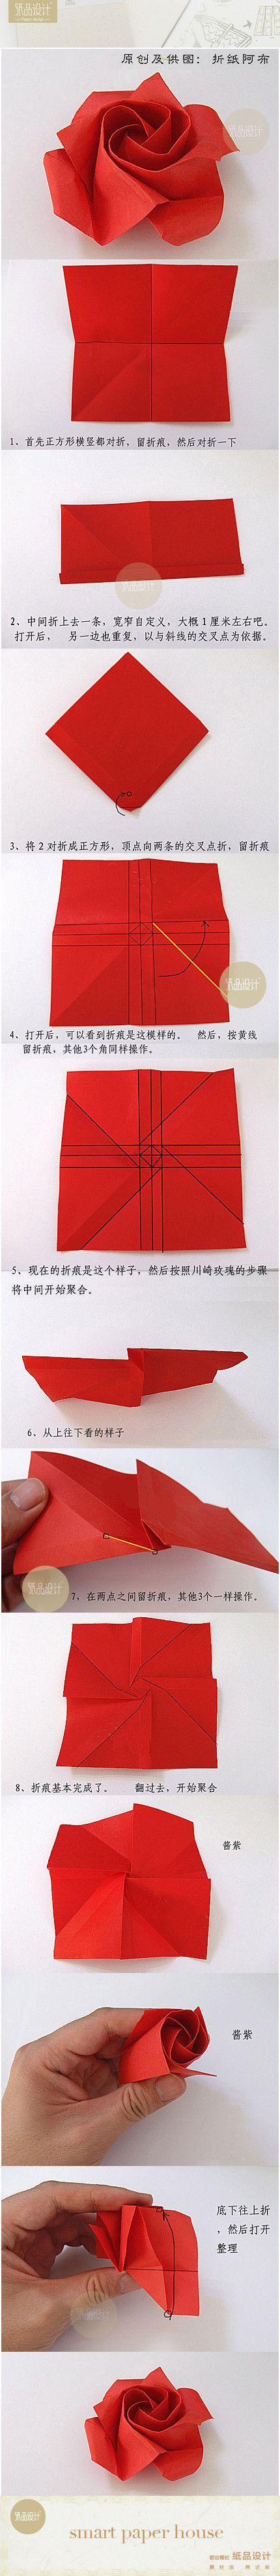 Modèle De Rose En Papier Origami Pliage Papiers Pinterest